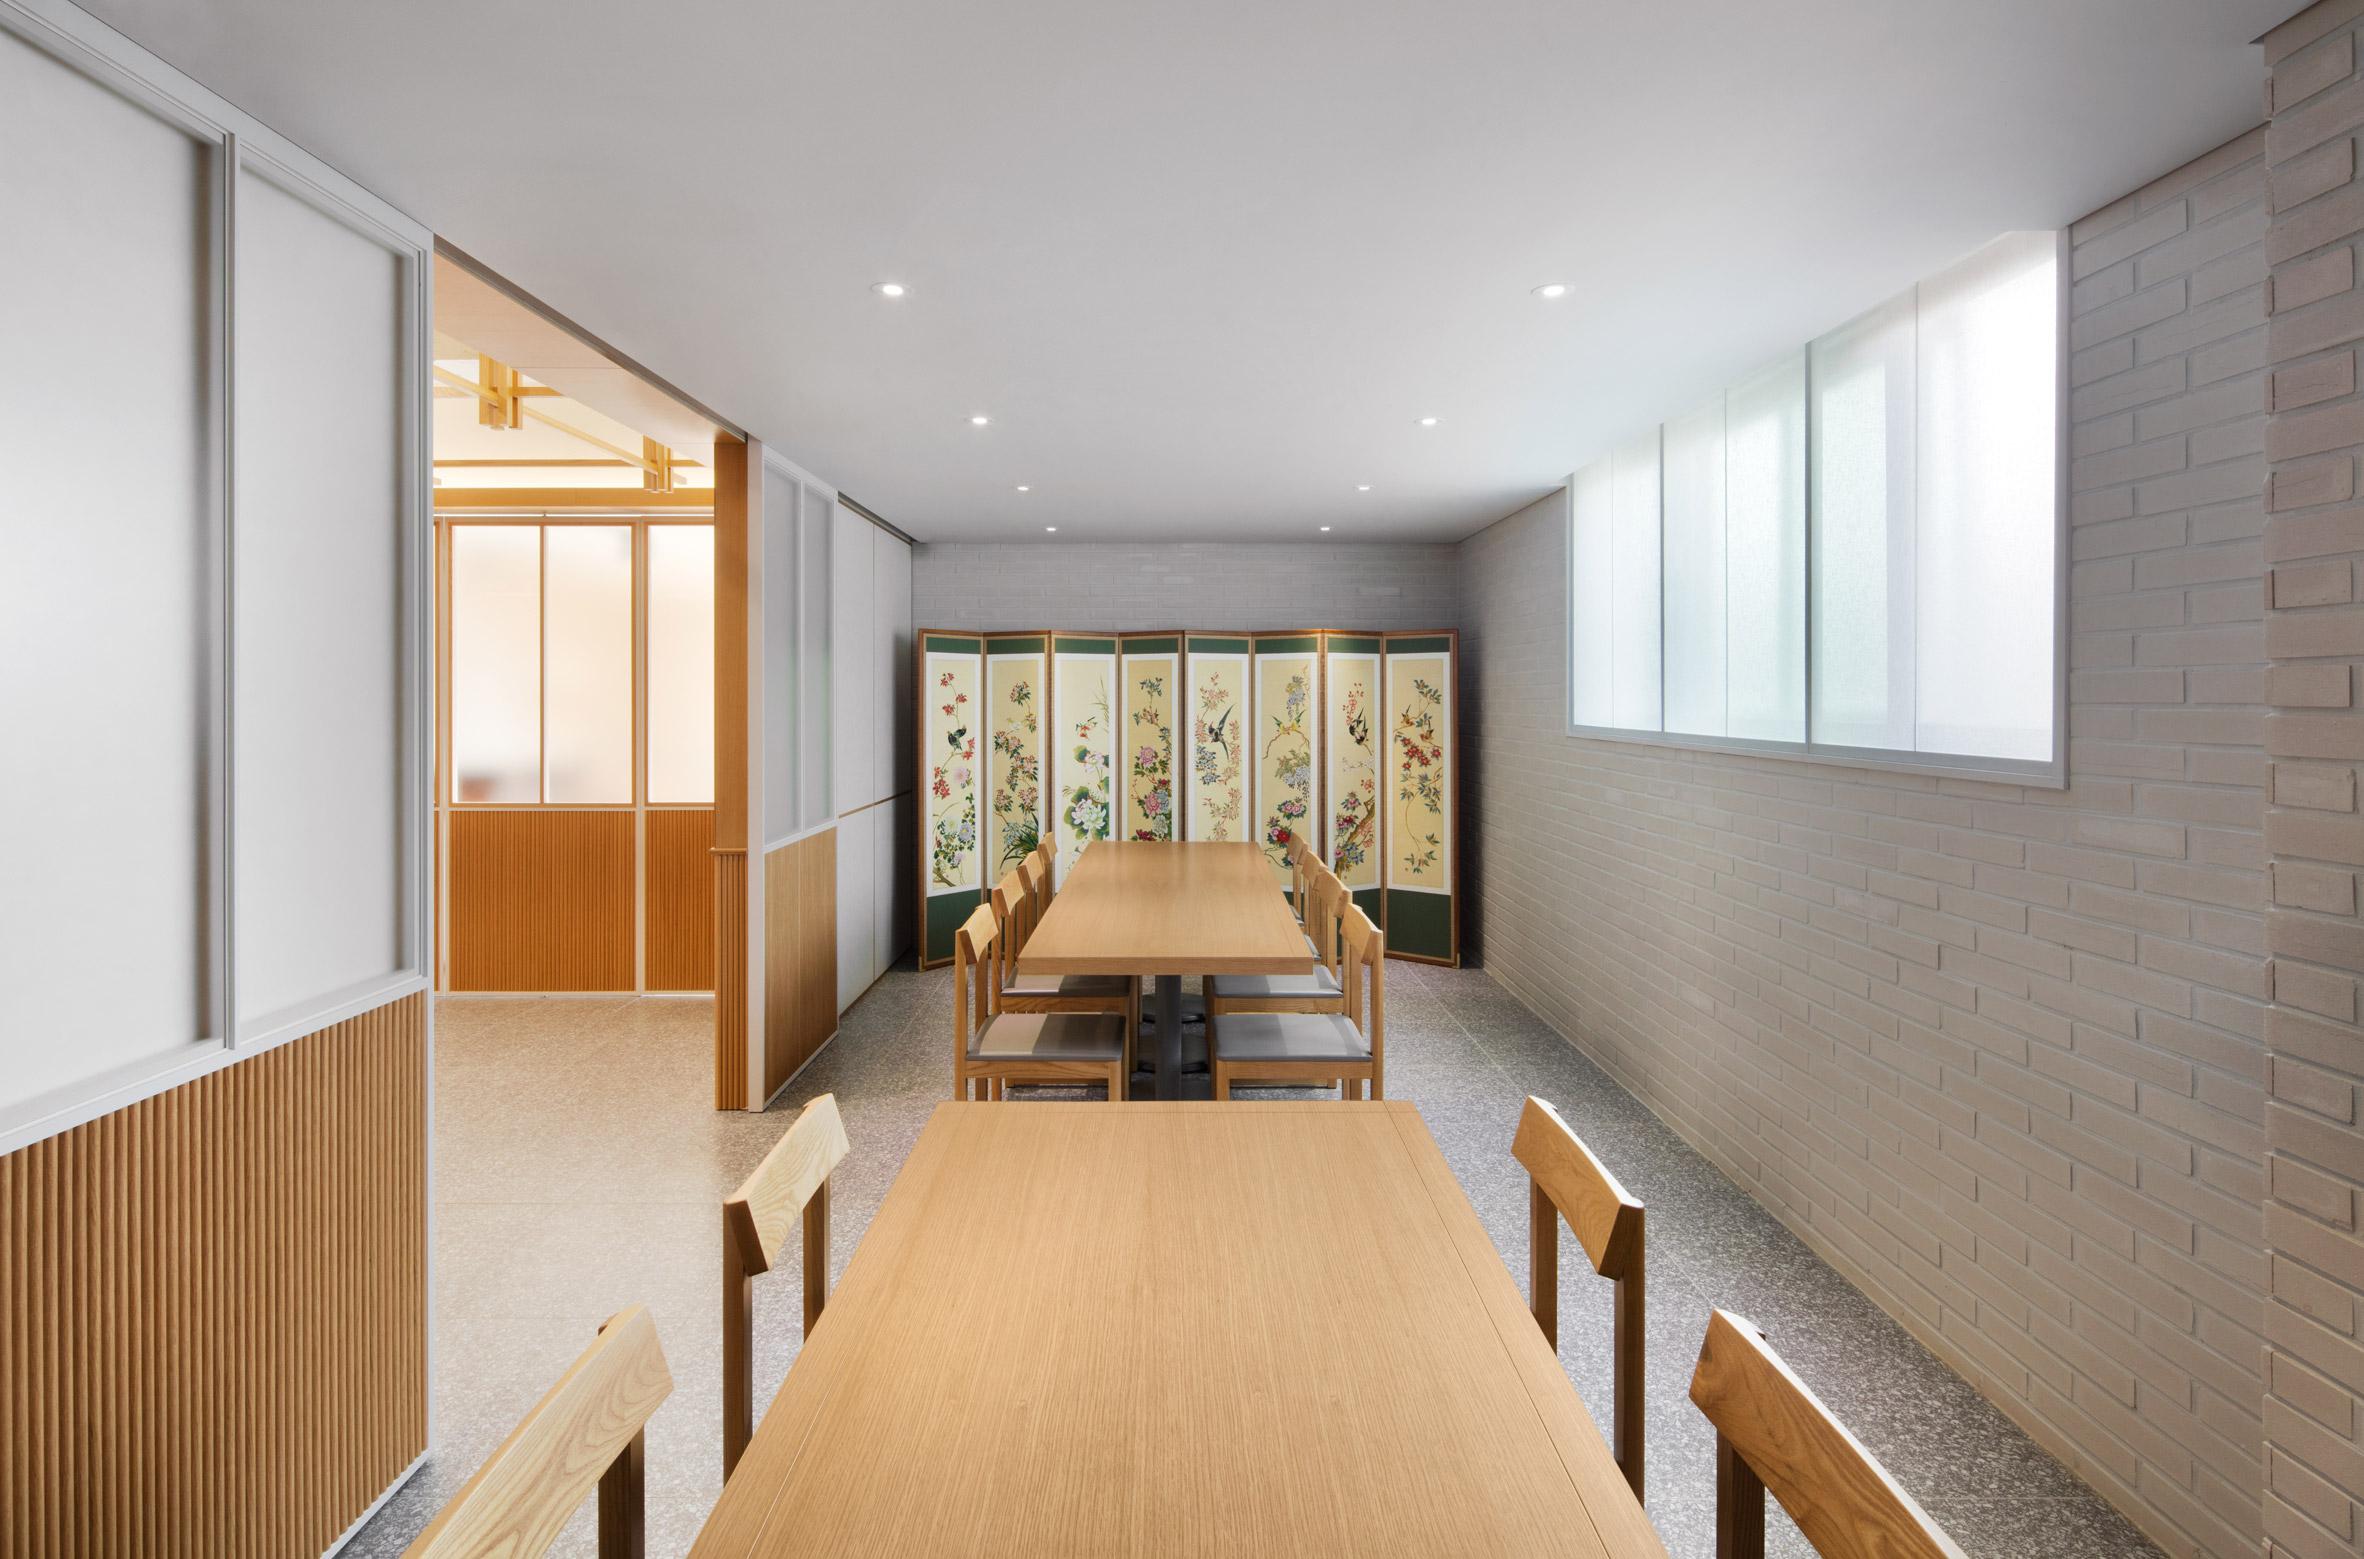 Thiết kế nội thất nhà hàng hàn quốc 2